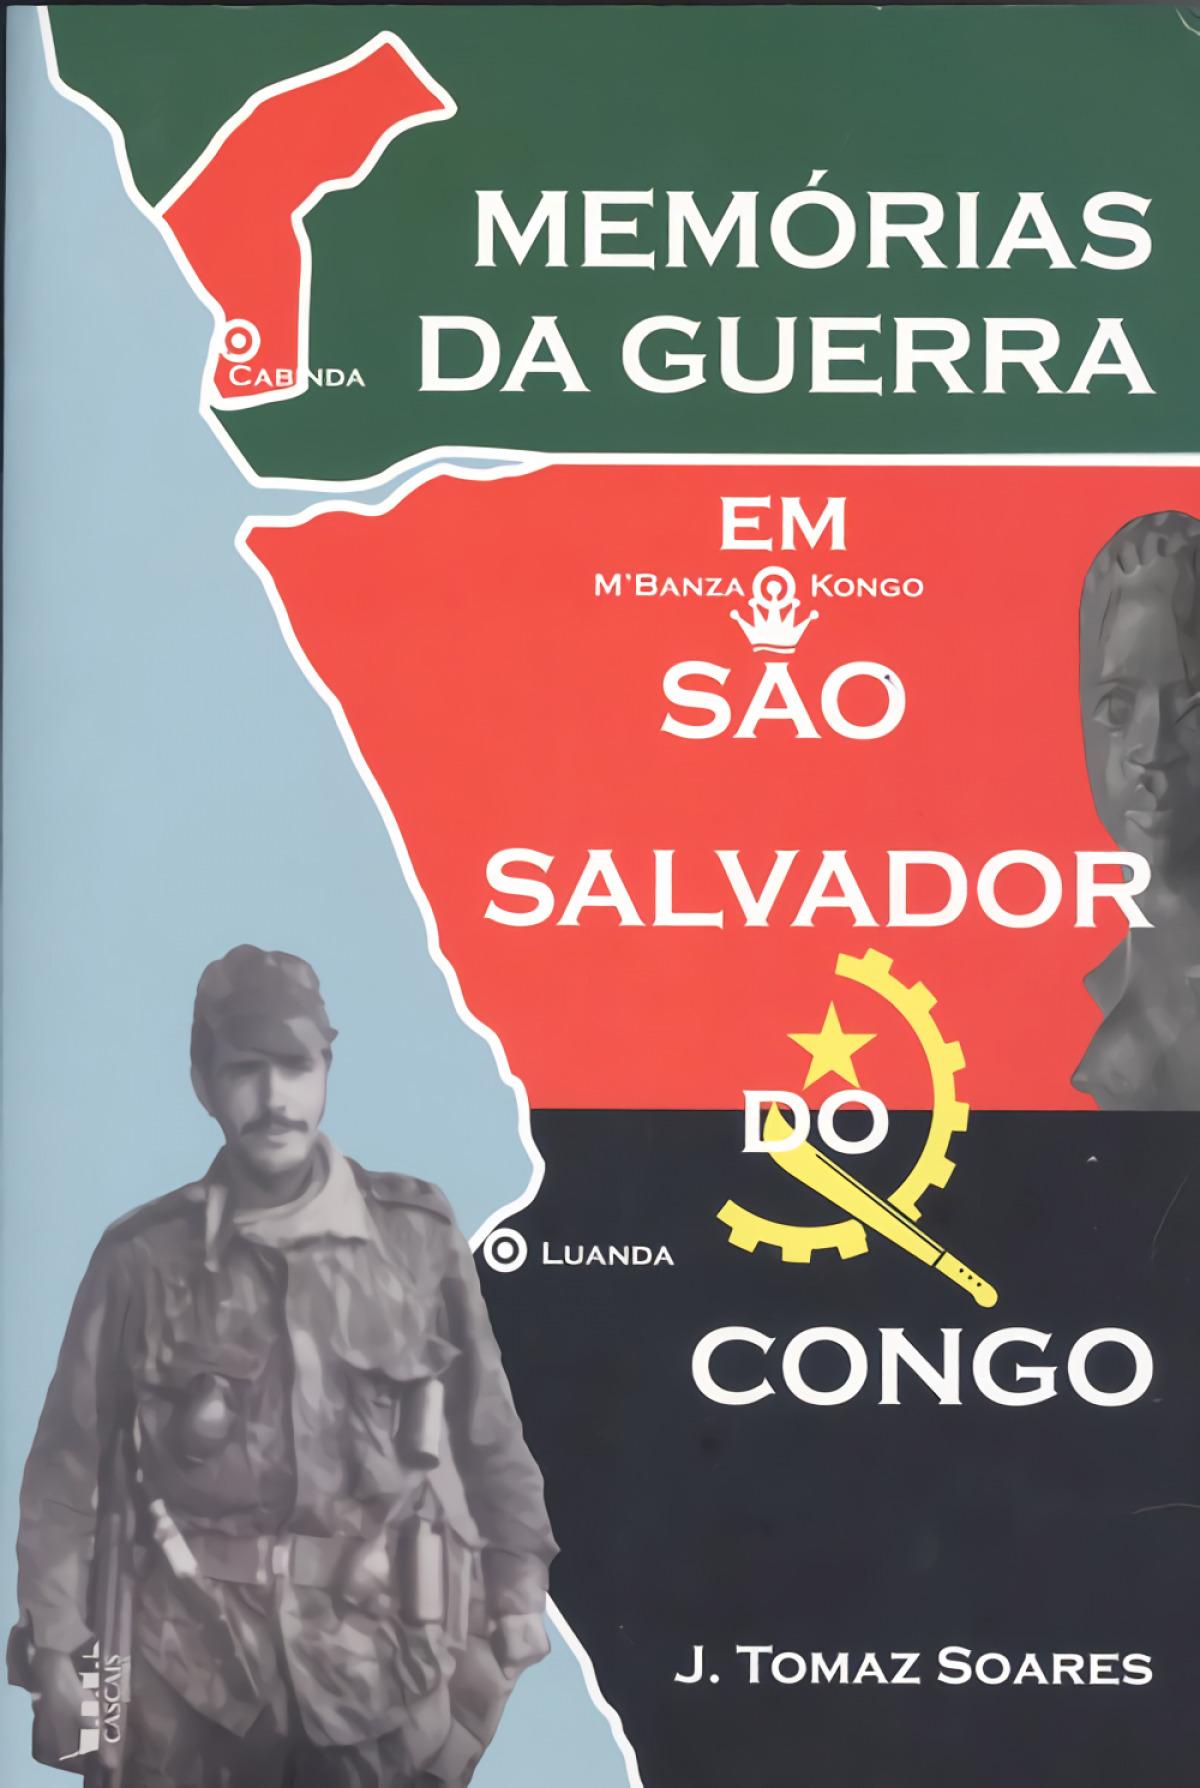 MEMORIAS DA GUERRA EM SÃO SALVADOR DO CONGO 9789898899026